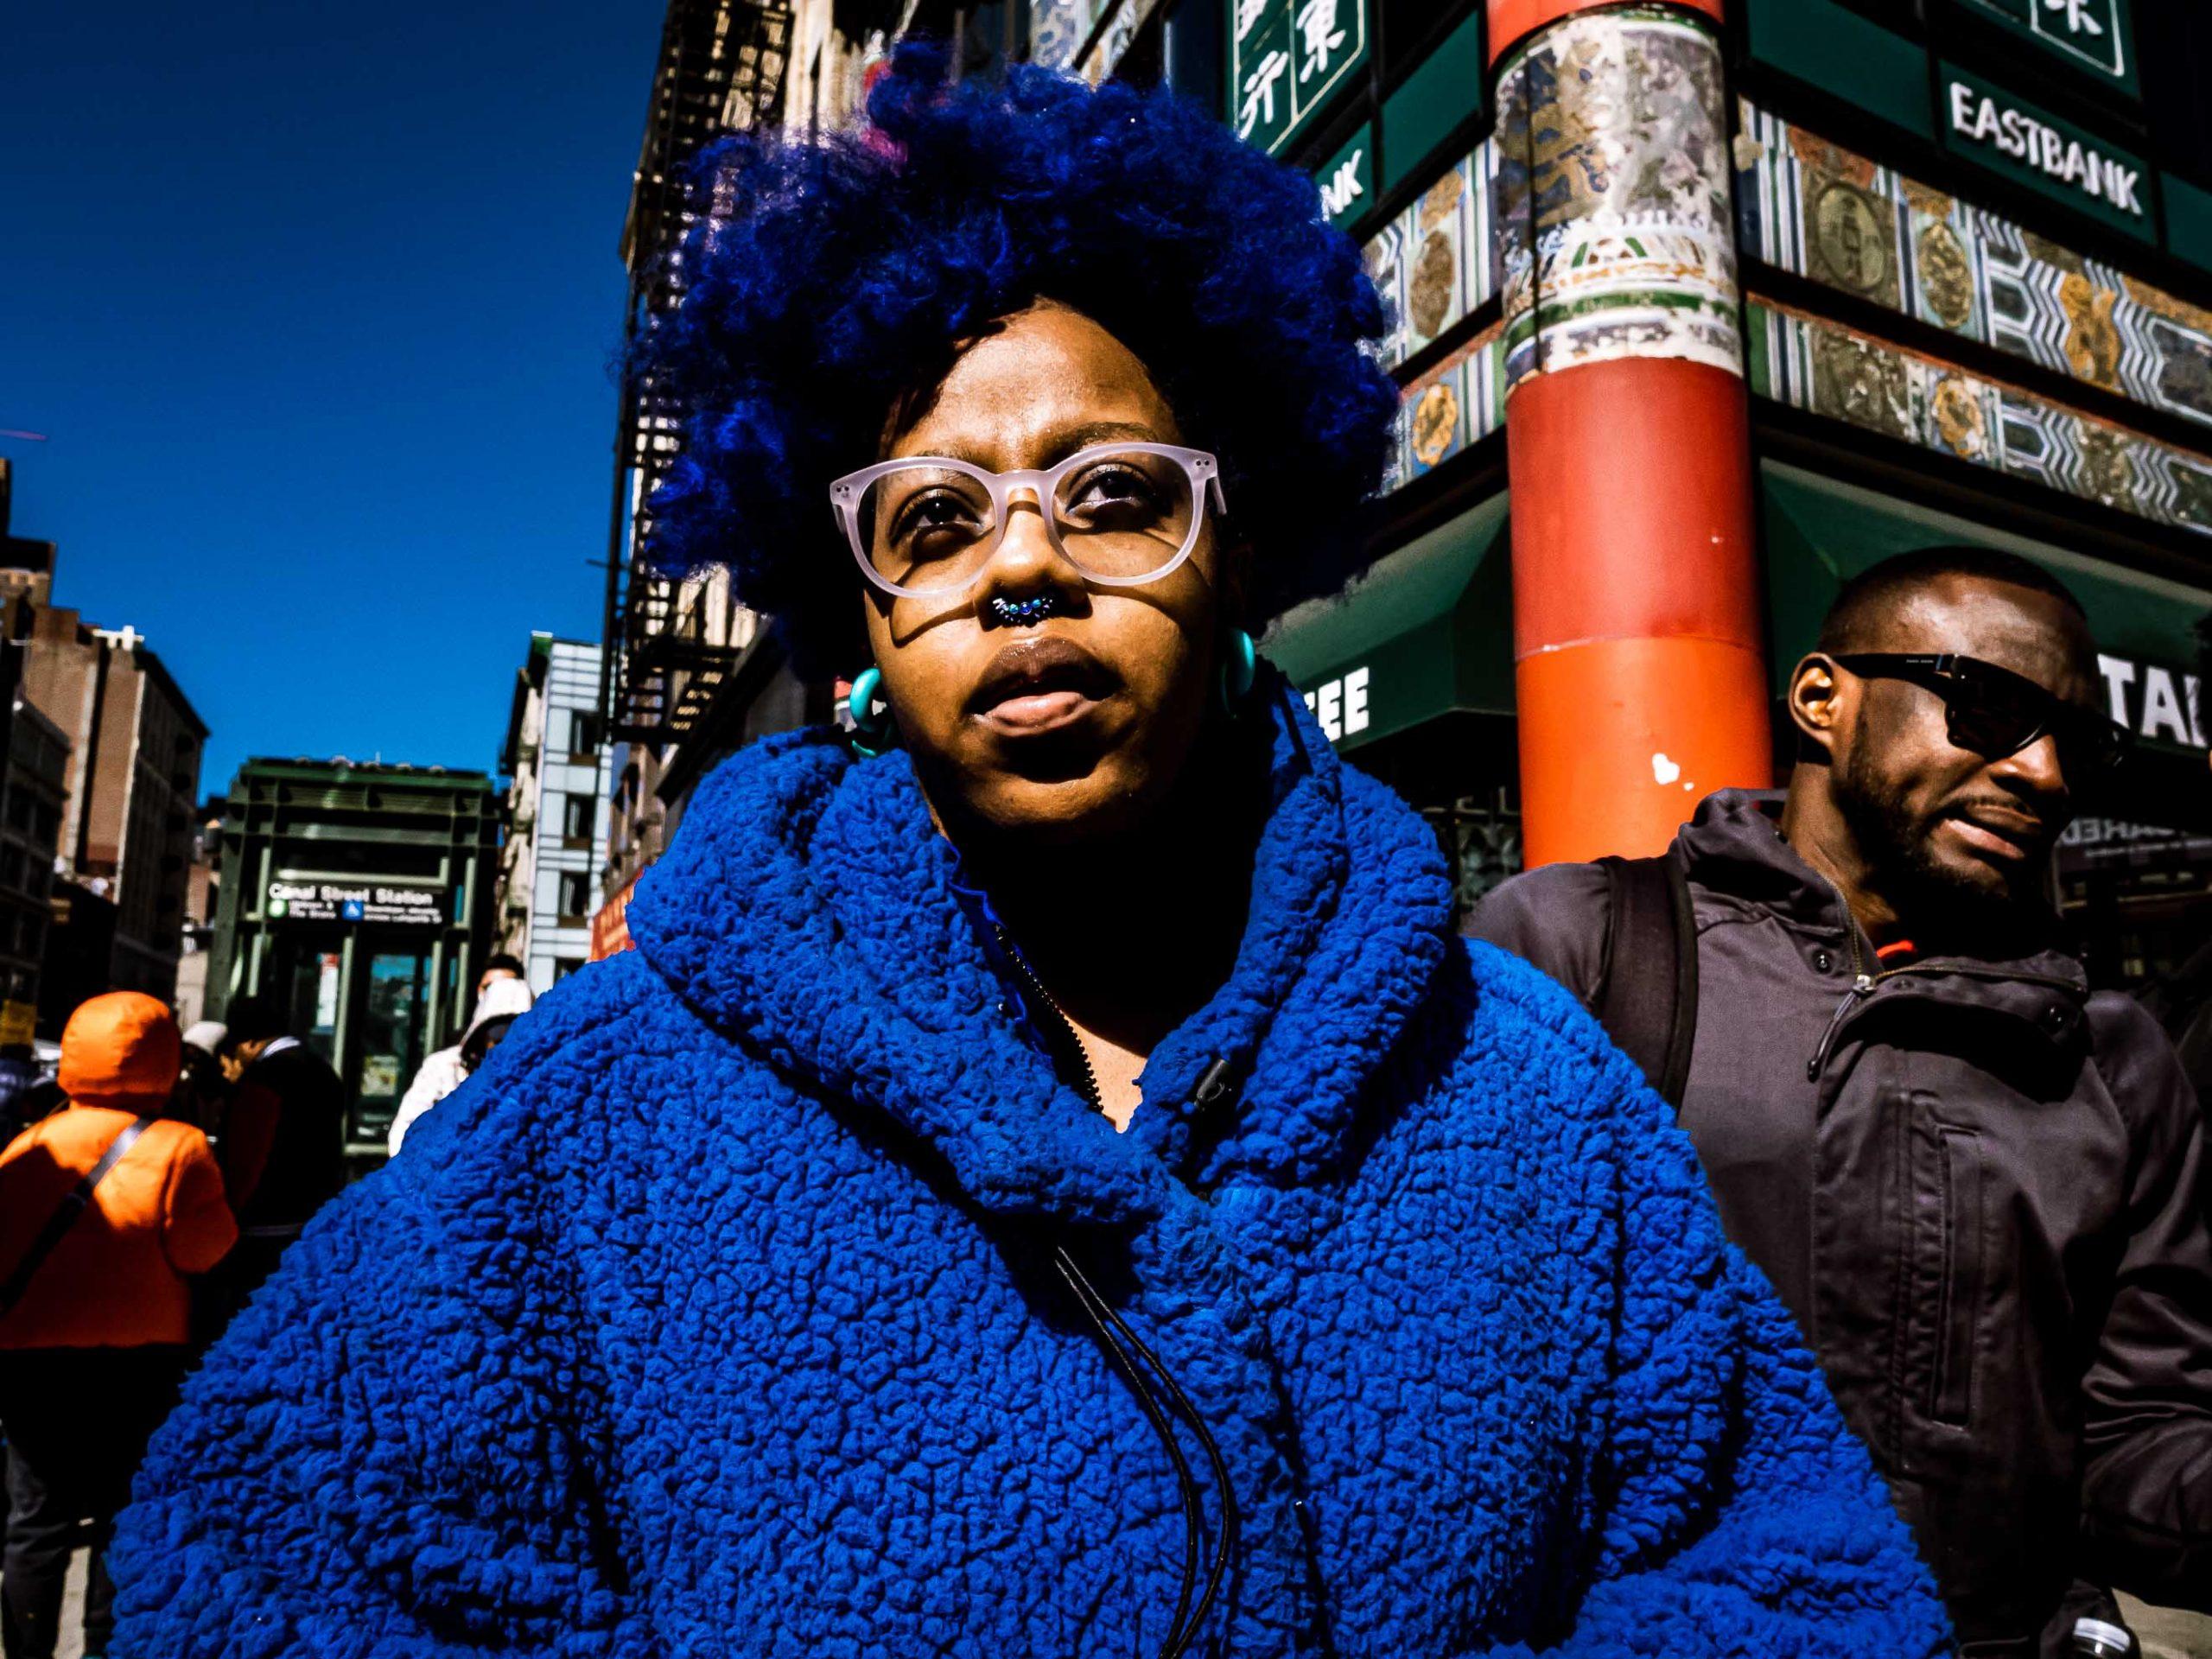 Junge Frau in Blau in New York City